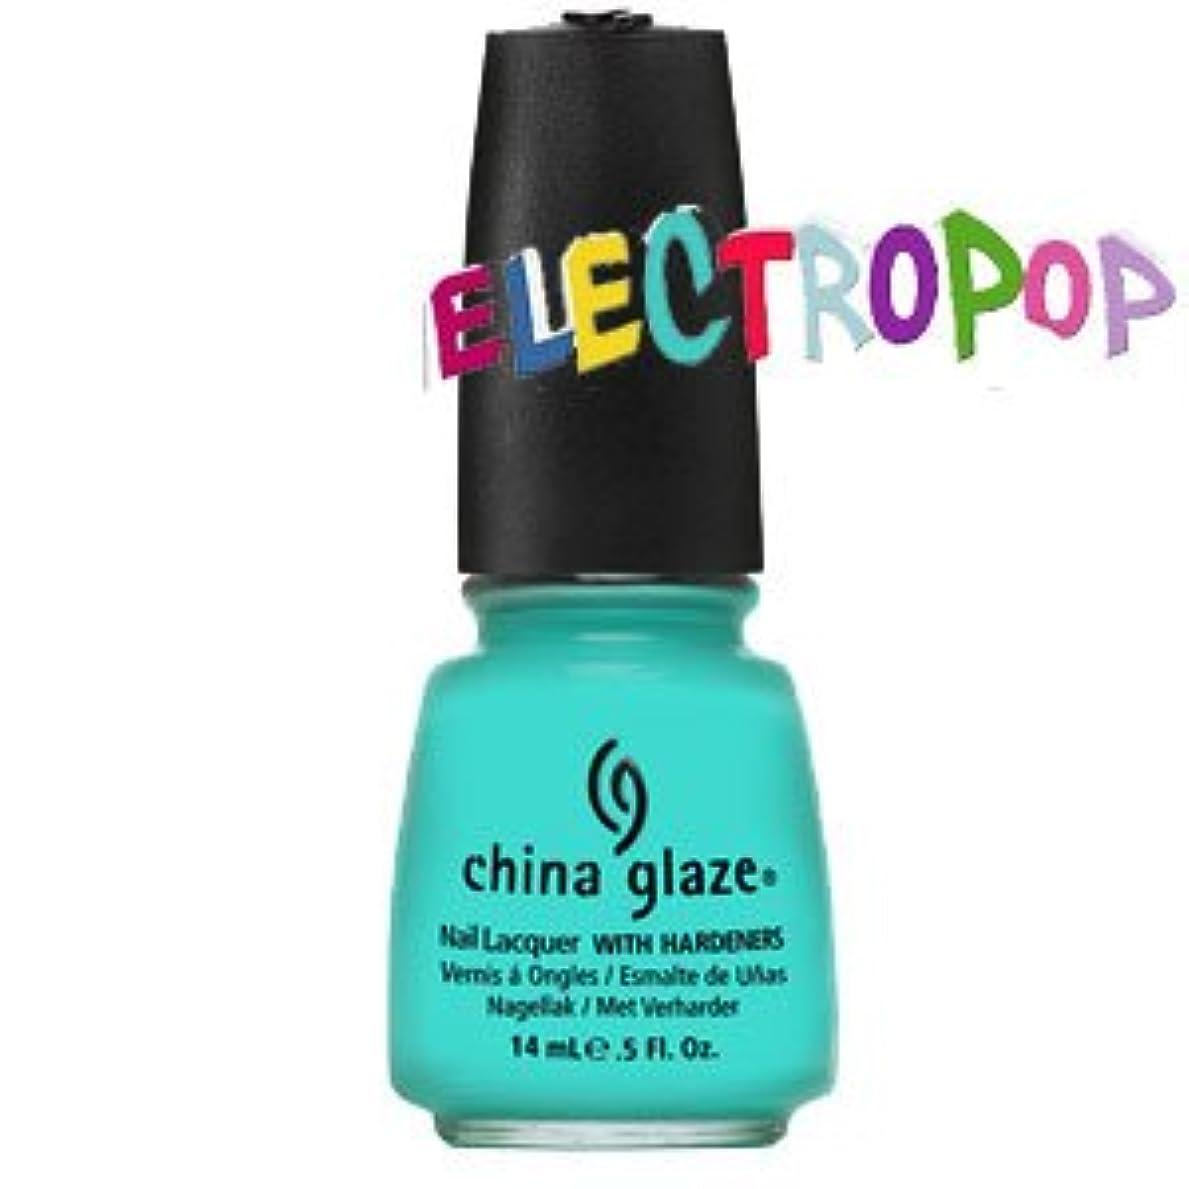 再びピッチャーマティス(チャイナグレイズ)China Glaze Aquadelic-ElectroPopコレクション(Brights) [海外直送品][並行輸入品]